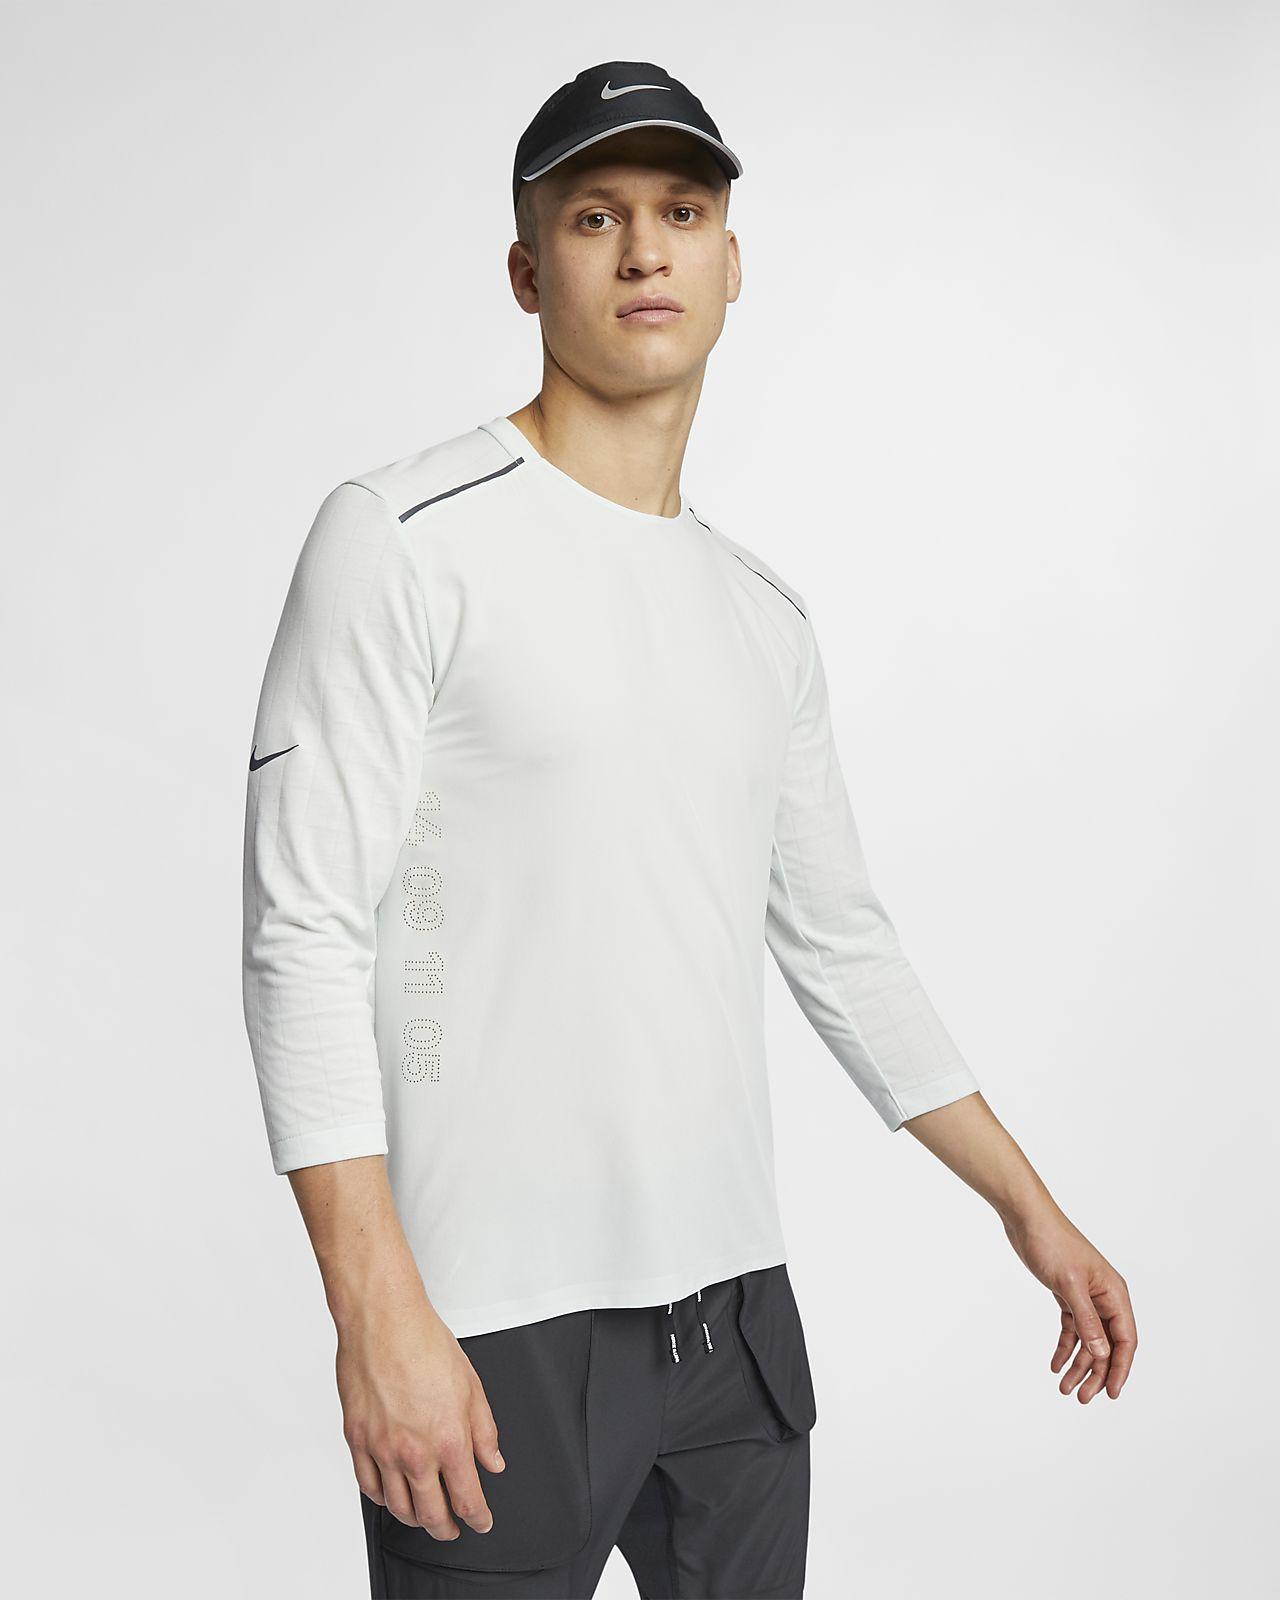 Löpartröja med trekvartsärm Nike Rise 365 Tech Pack för män